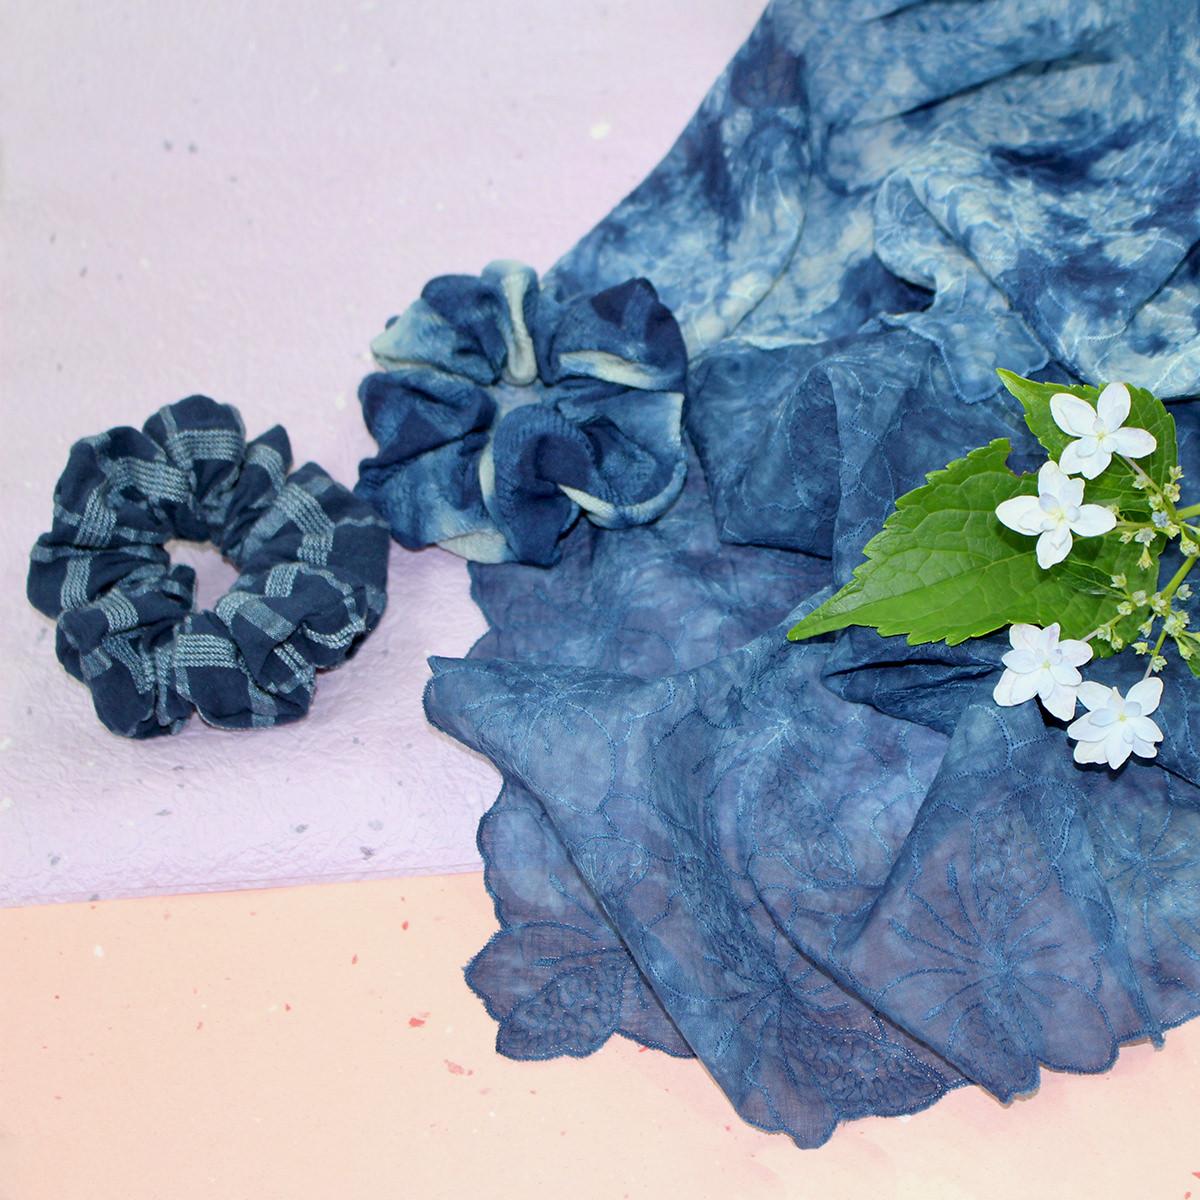 天然藍染レースハンカチ(2L)とシュシュのセット 藍染工房染屋たきうら・岩手県